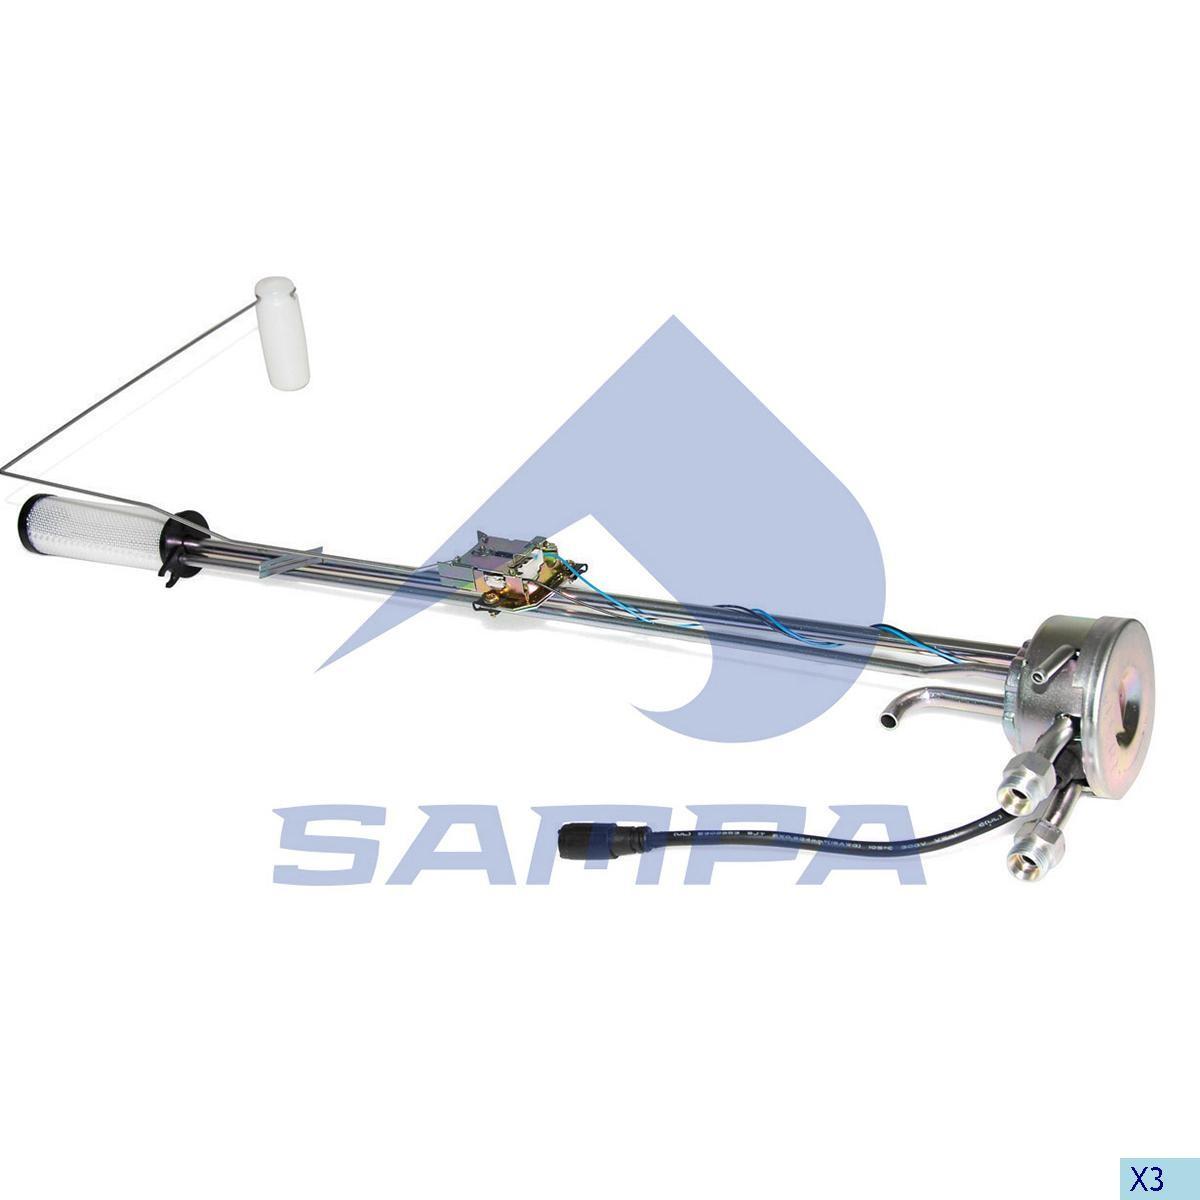 Топливоприемник Scania 4 Serii (63 cm) photo